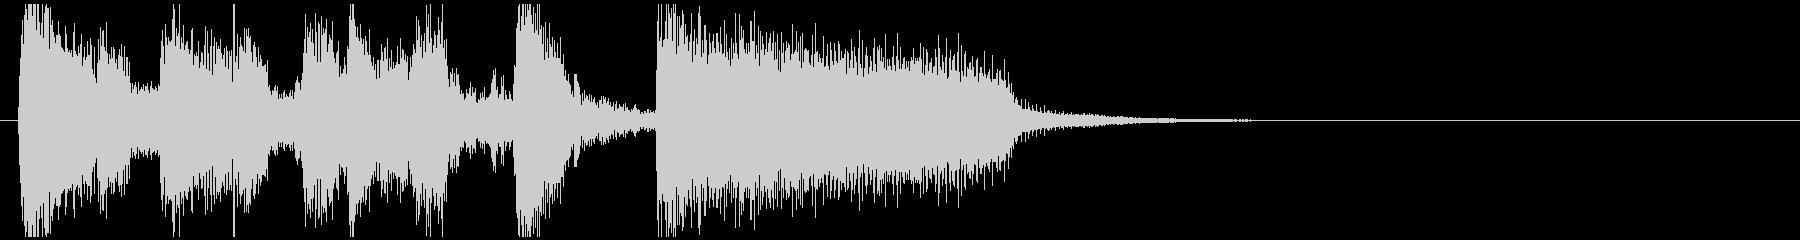 快活で勢いあるモダンジャズ系サウンドロゴの未再生の波形